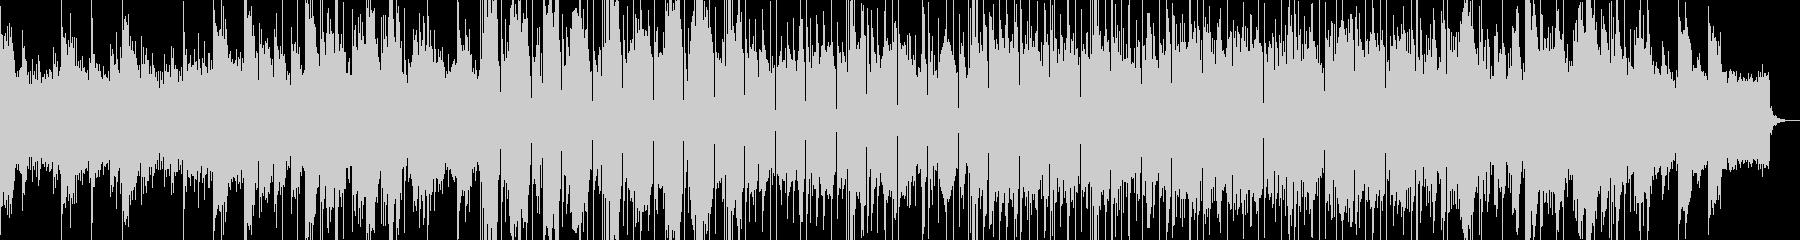 キツすぎないEDM風サウンド の未再生の波形